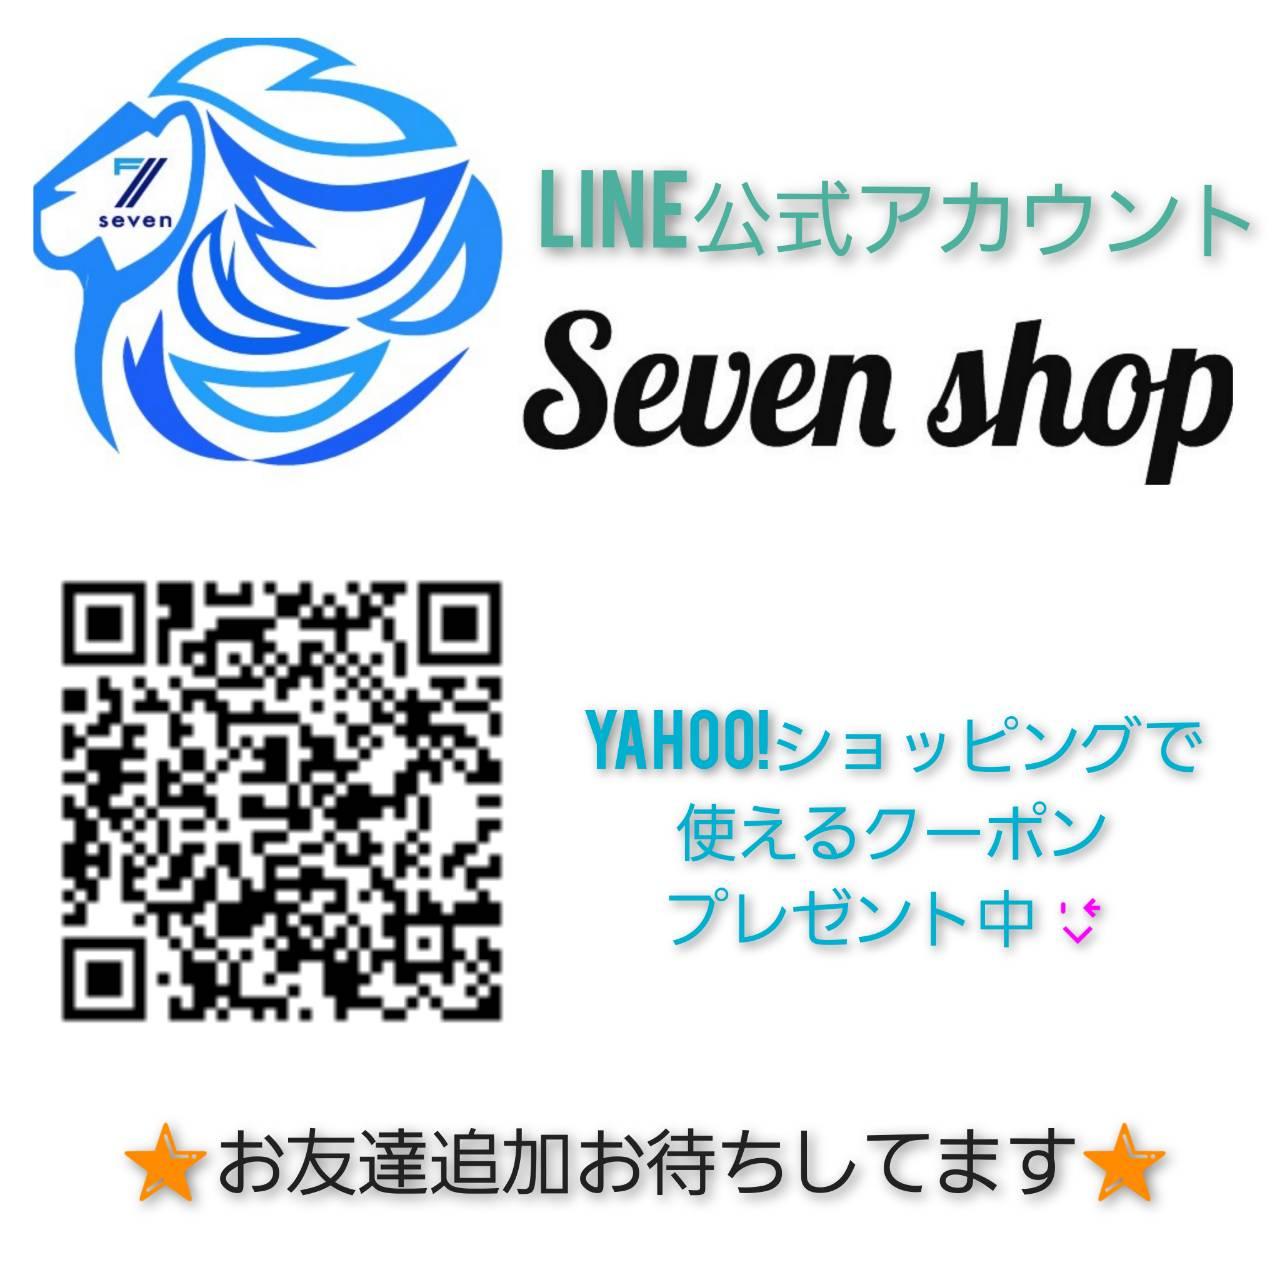 LINE公式アカウント「Seven shop」Yahoo!ショッピングで使えるクーポンプレゼント中!お友達追加お待ちしてます